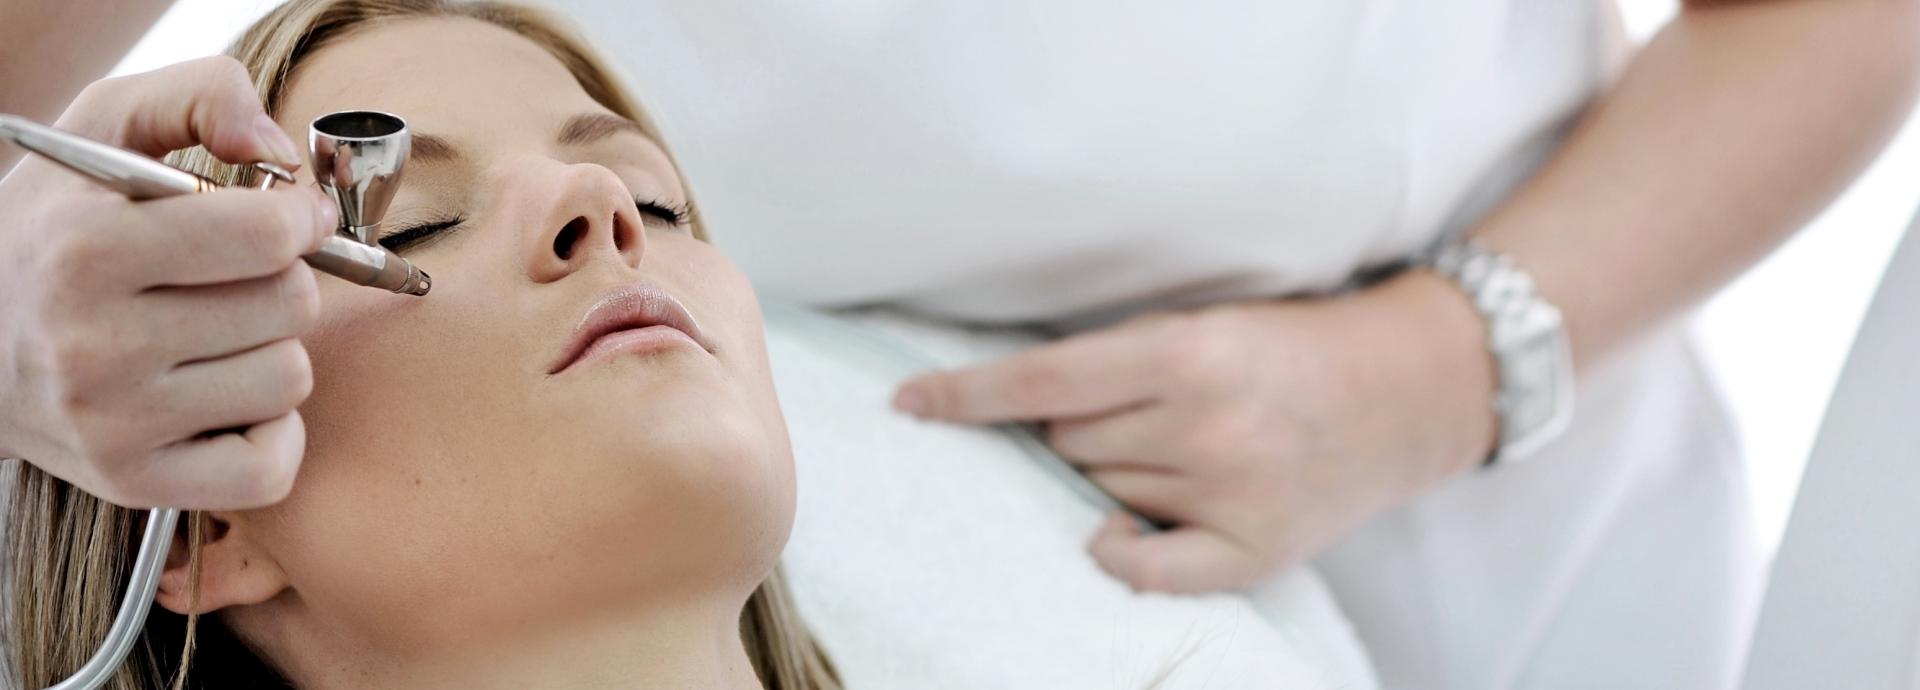 Zuurstofbehandeling OxyJet Schoonheidssalon Amersfoort - OXYgen